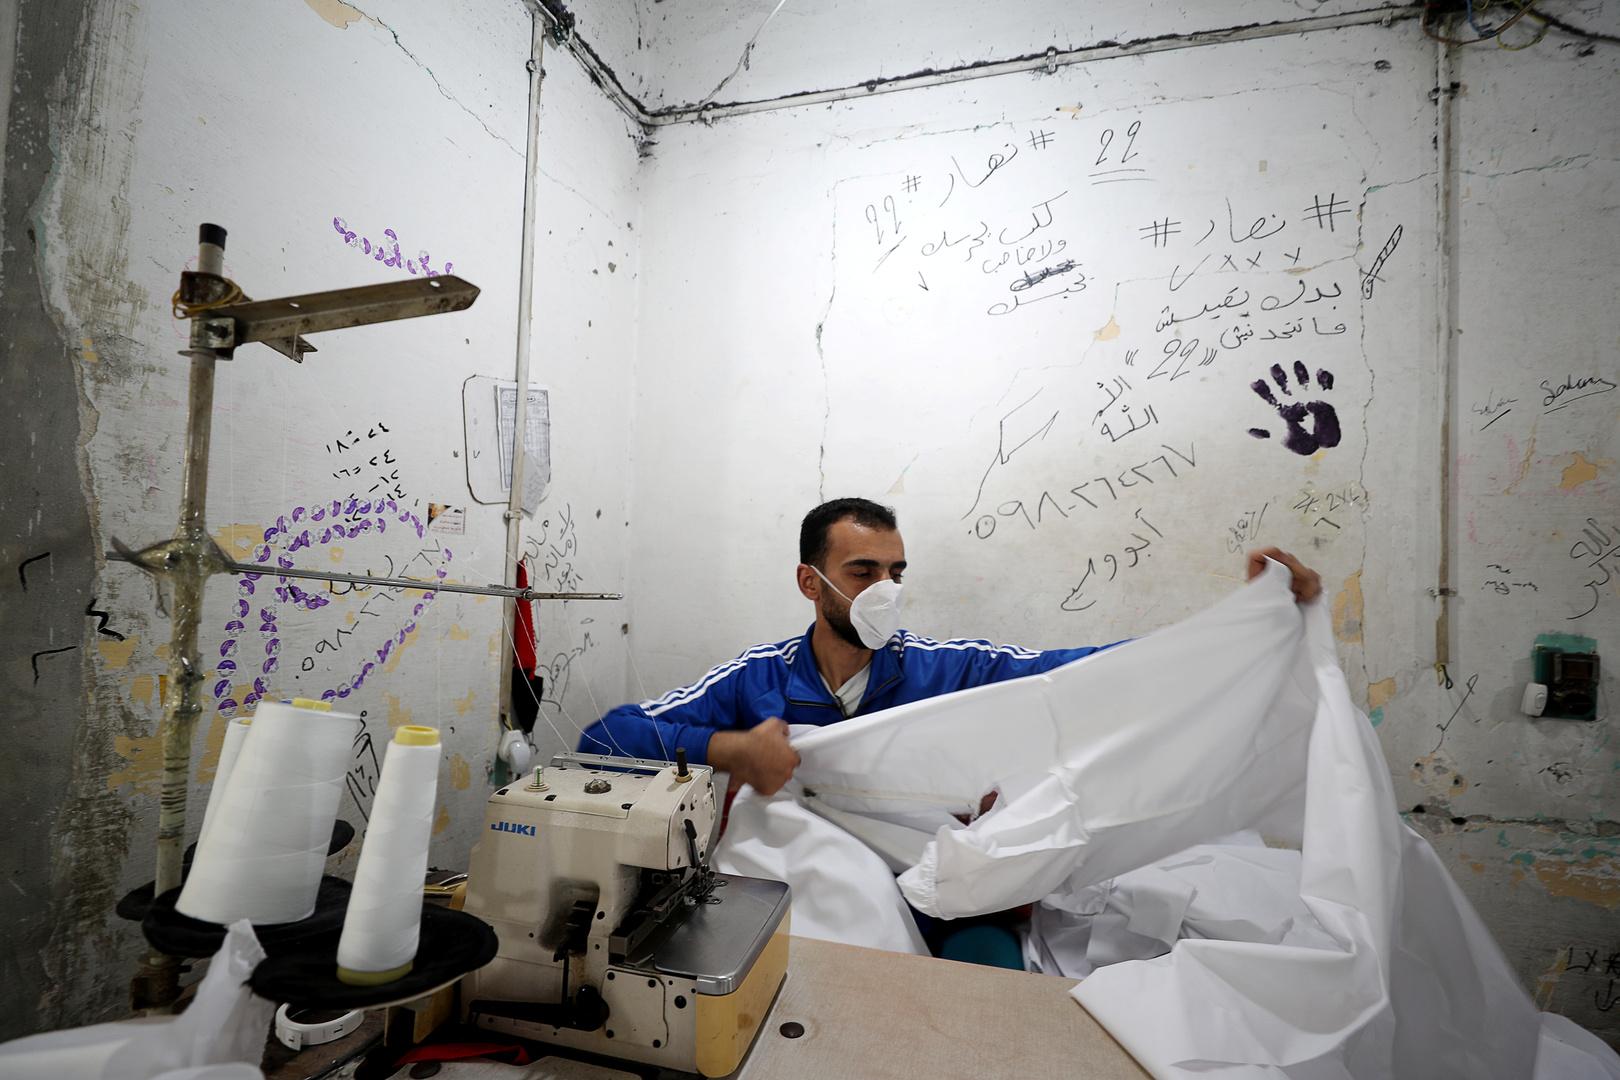 صحة غزة تكثف أخذ العينات من العائدين والمشتبه بإصابتهم بكورونا